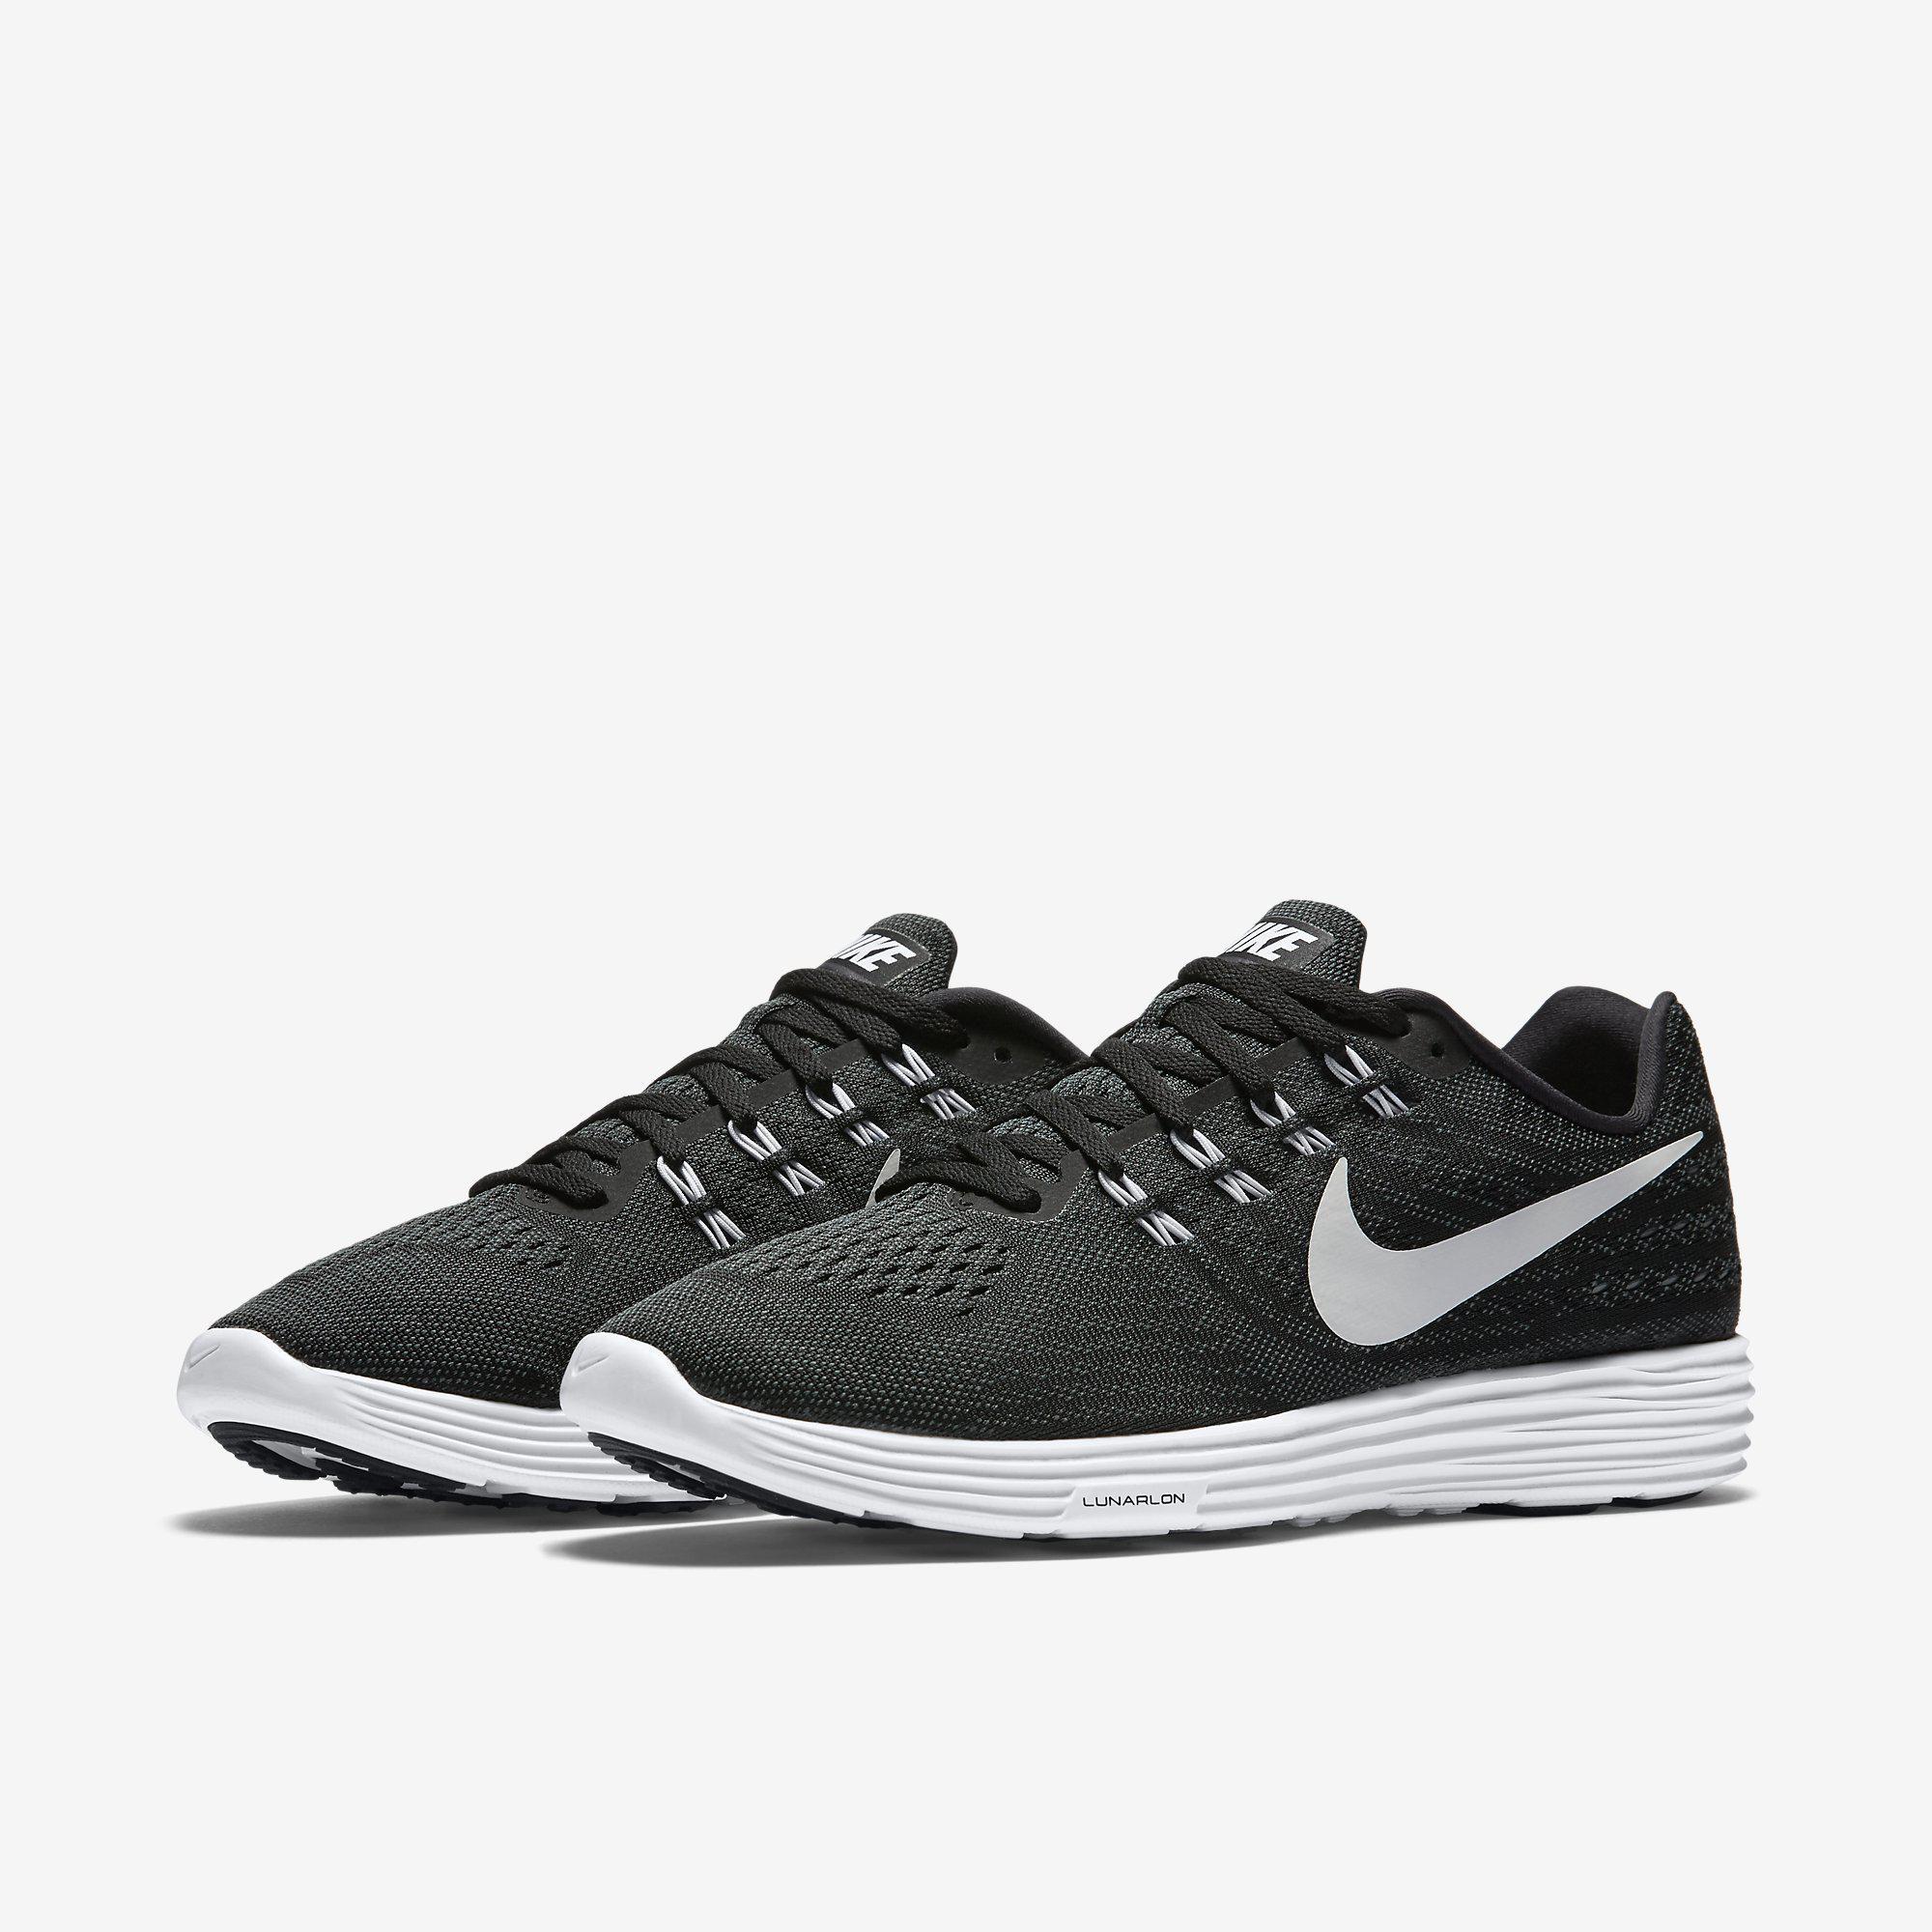 nike mens lunartempo 2 running shoes black white. Black Bedroom Furniture Sets. Home Design Ideas